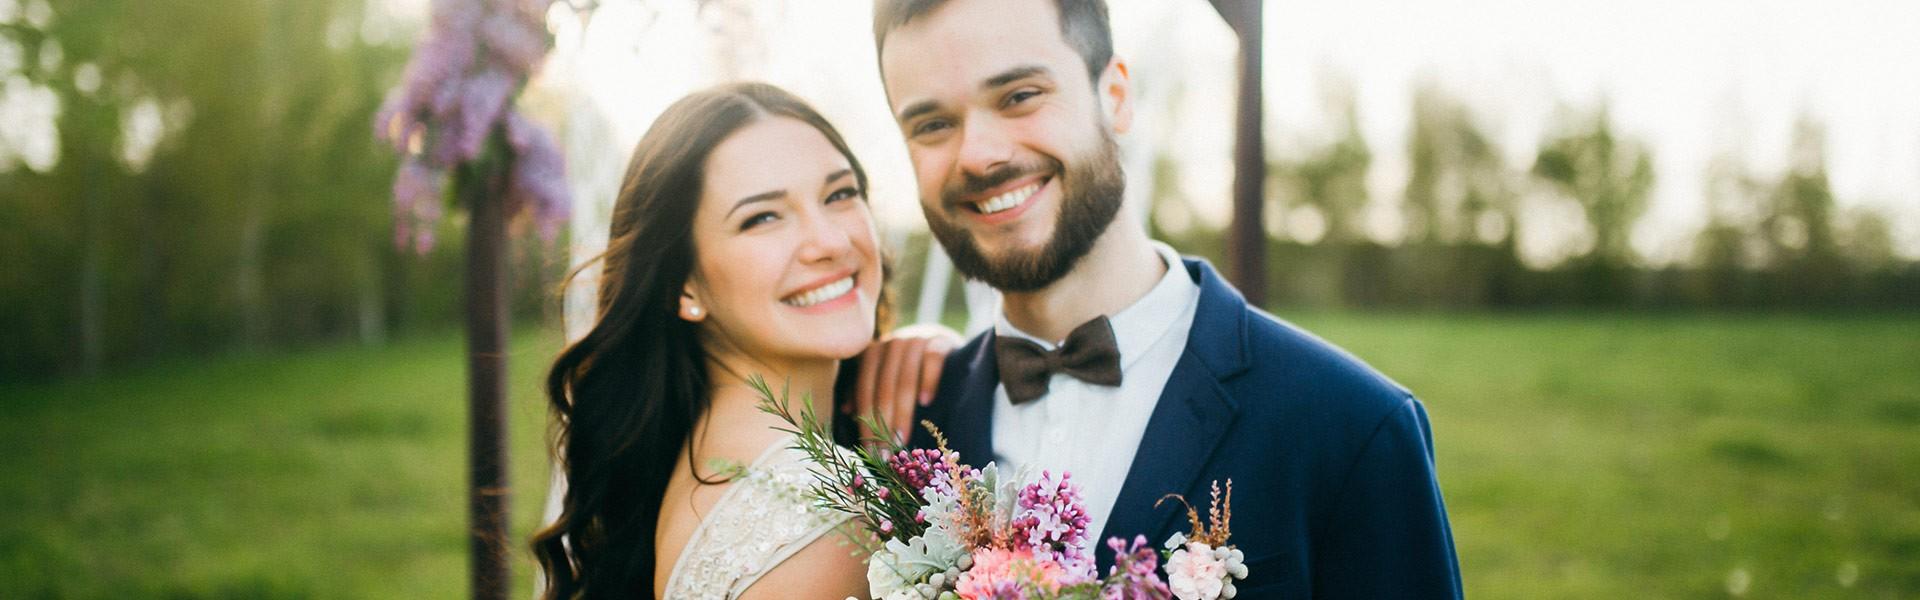 Uw huwelijksverblijf op maat!